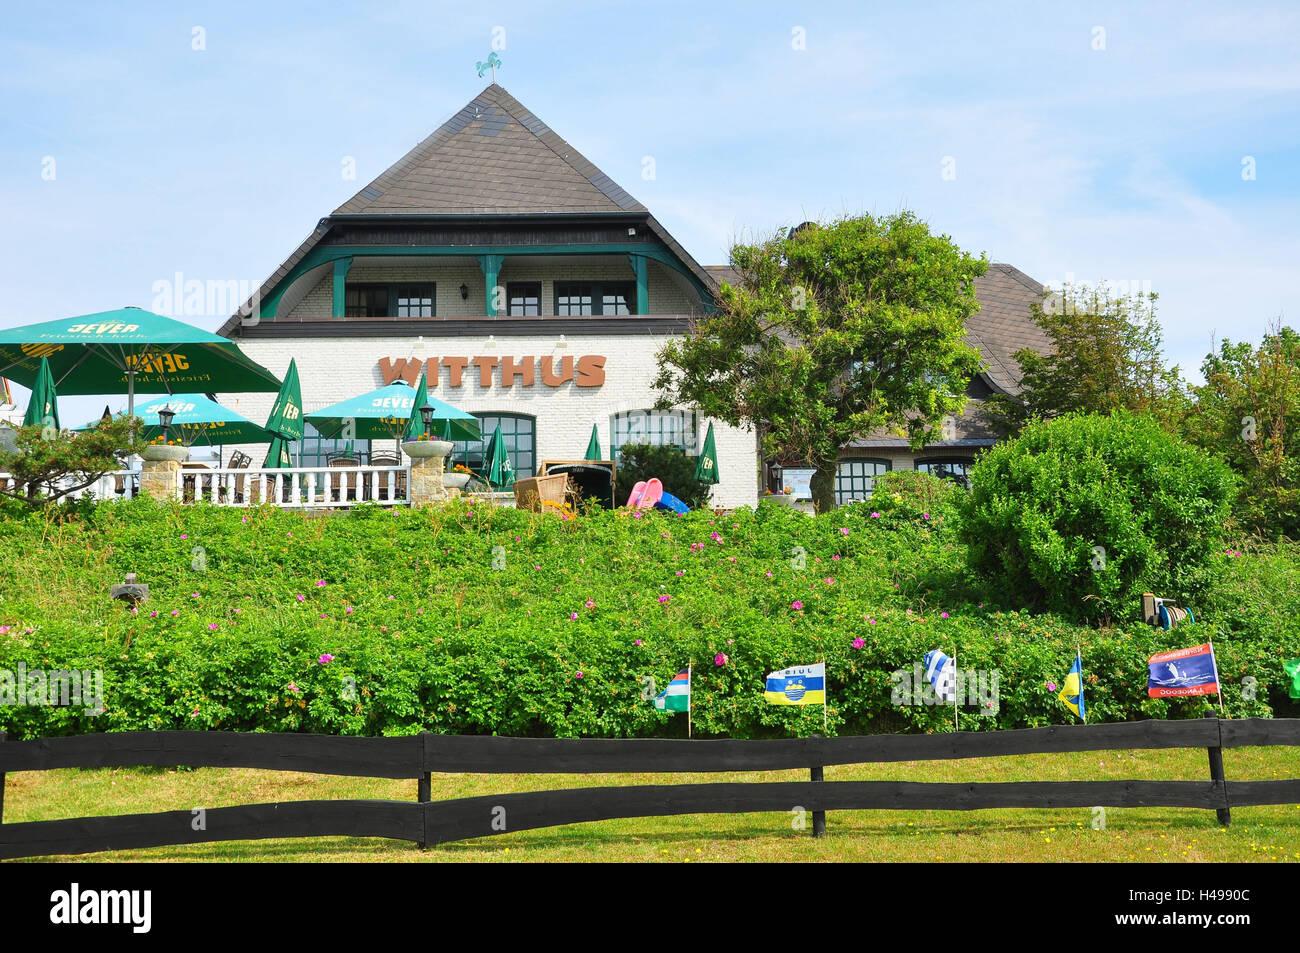 Allemagne, Basse-Saxe, l'île de Baltrum, Mer du Nord, restaurant, Witthus, Banque D'Images